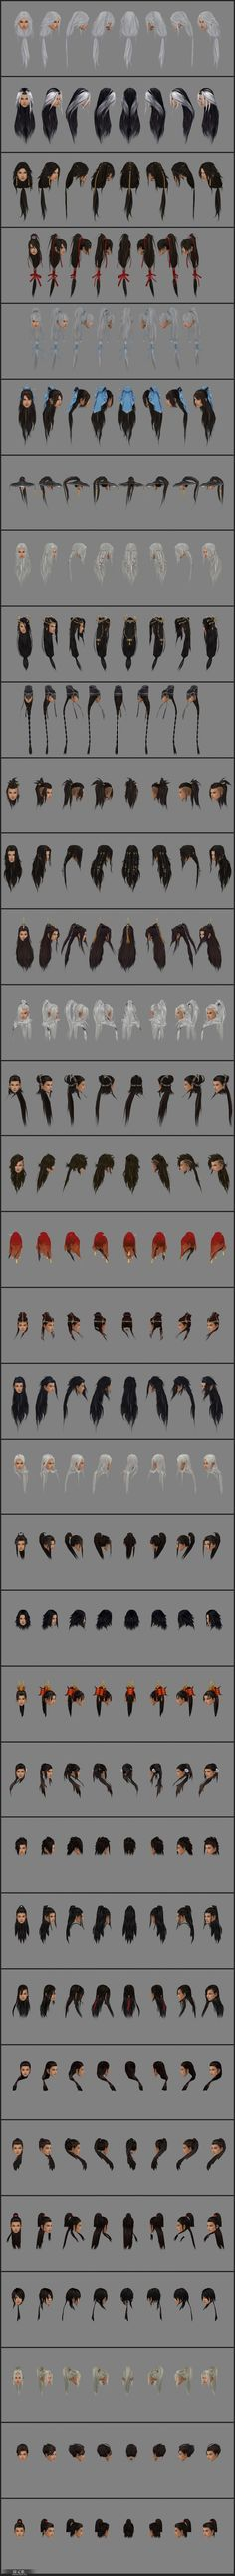 个人整理-剑网3发型8视图-97P尺寸3000960-游戏模型区- Character Design Tips, Character Art, Zbrush Hair, Character Modeling, 3d Modeling, 3d Face, Hair Reference, Process Art, How To Draw Hair